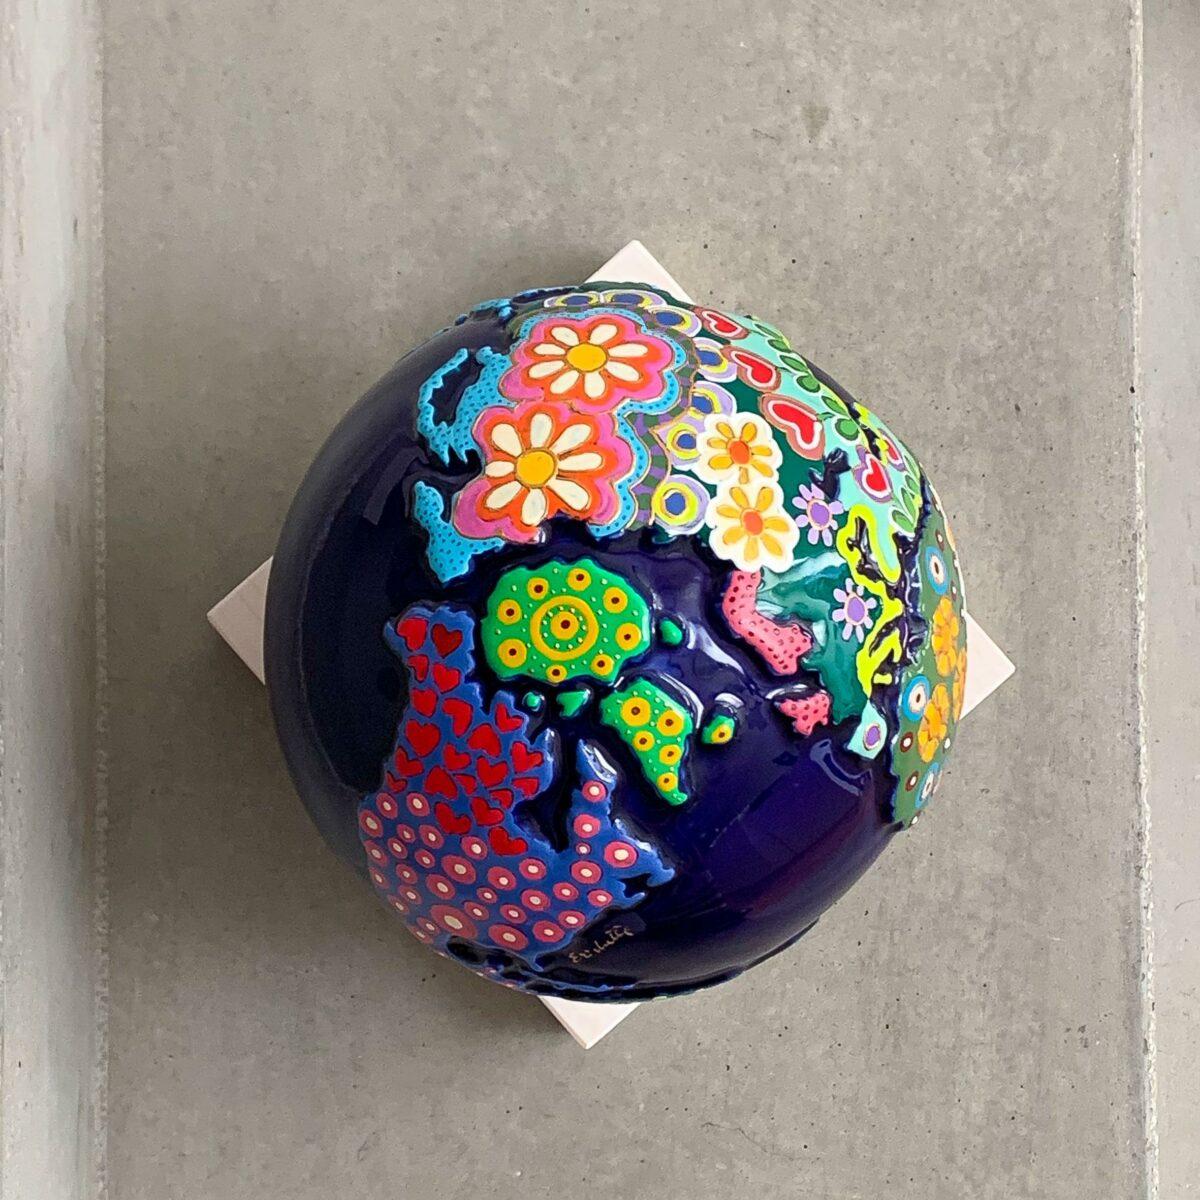 globo in ceramica blu rappresentante la terra con decori a mano sui continenti e appoggiato su una base quadrata in legno bianco